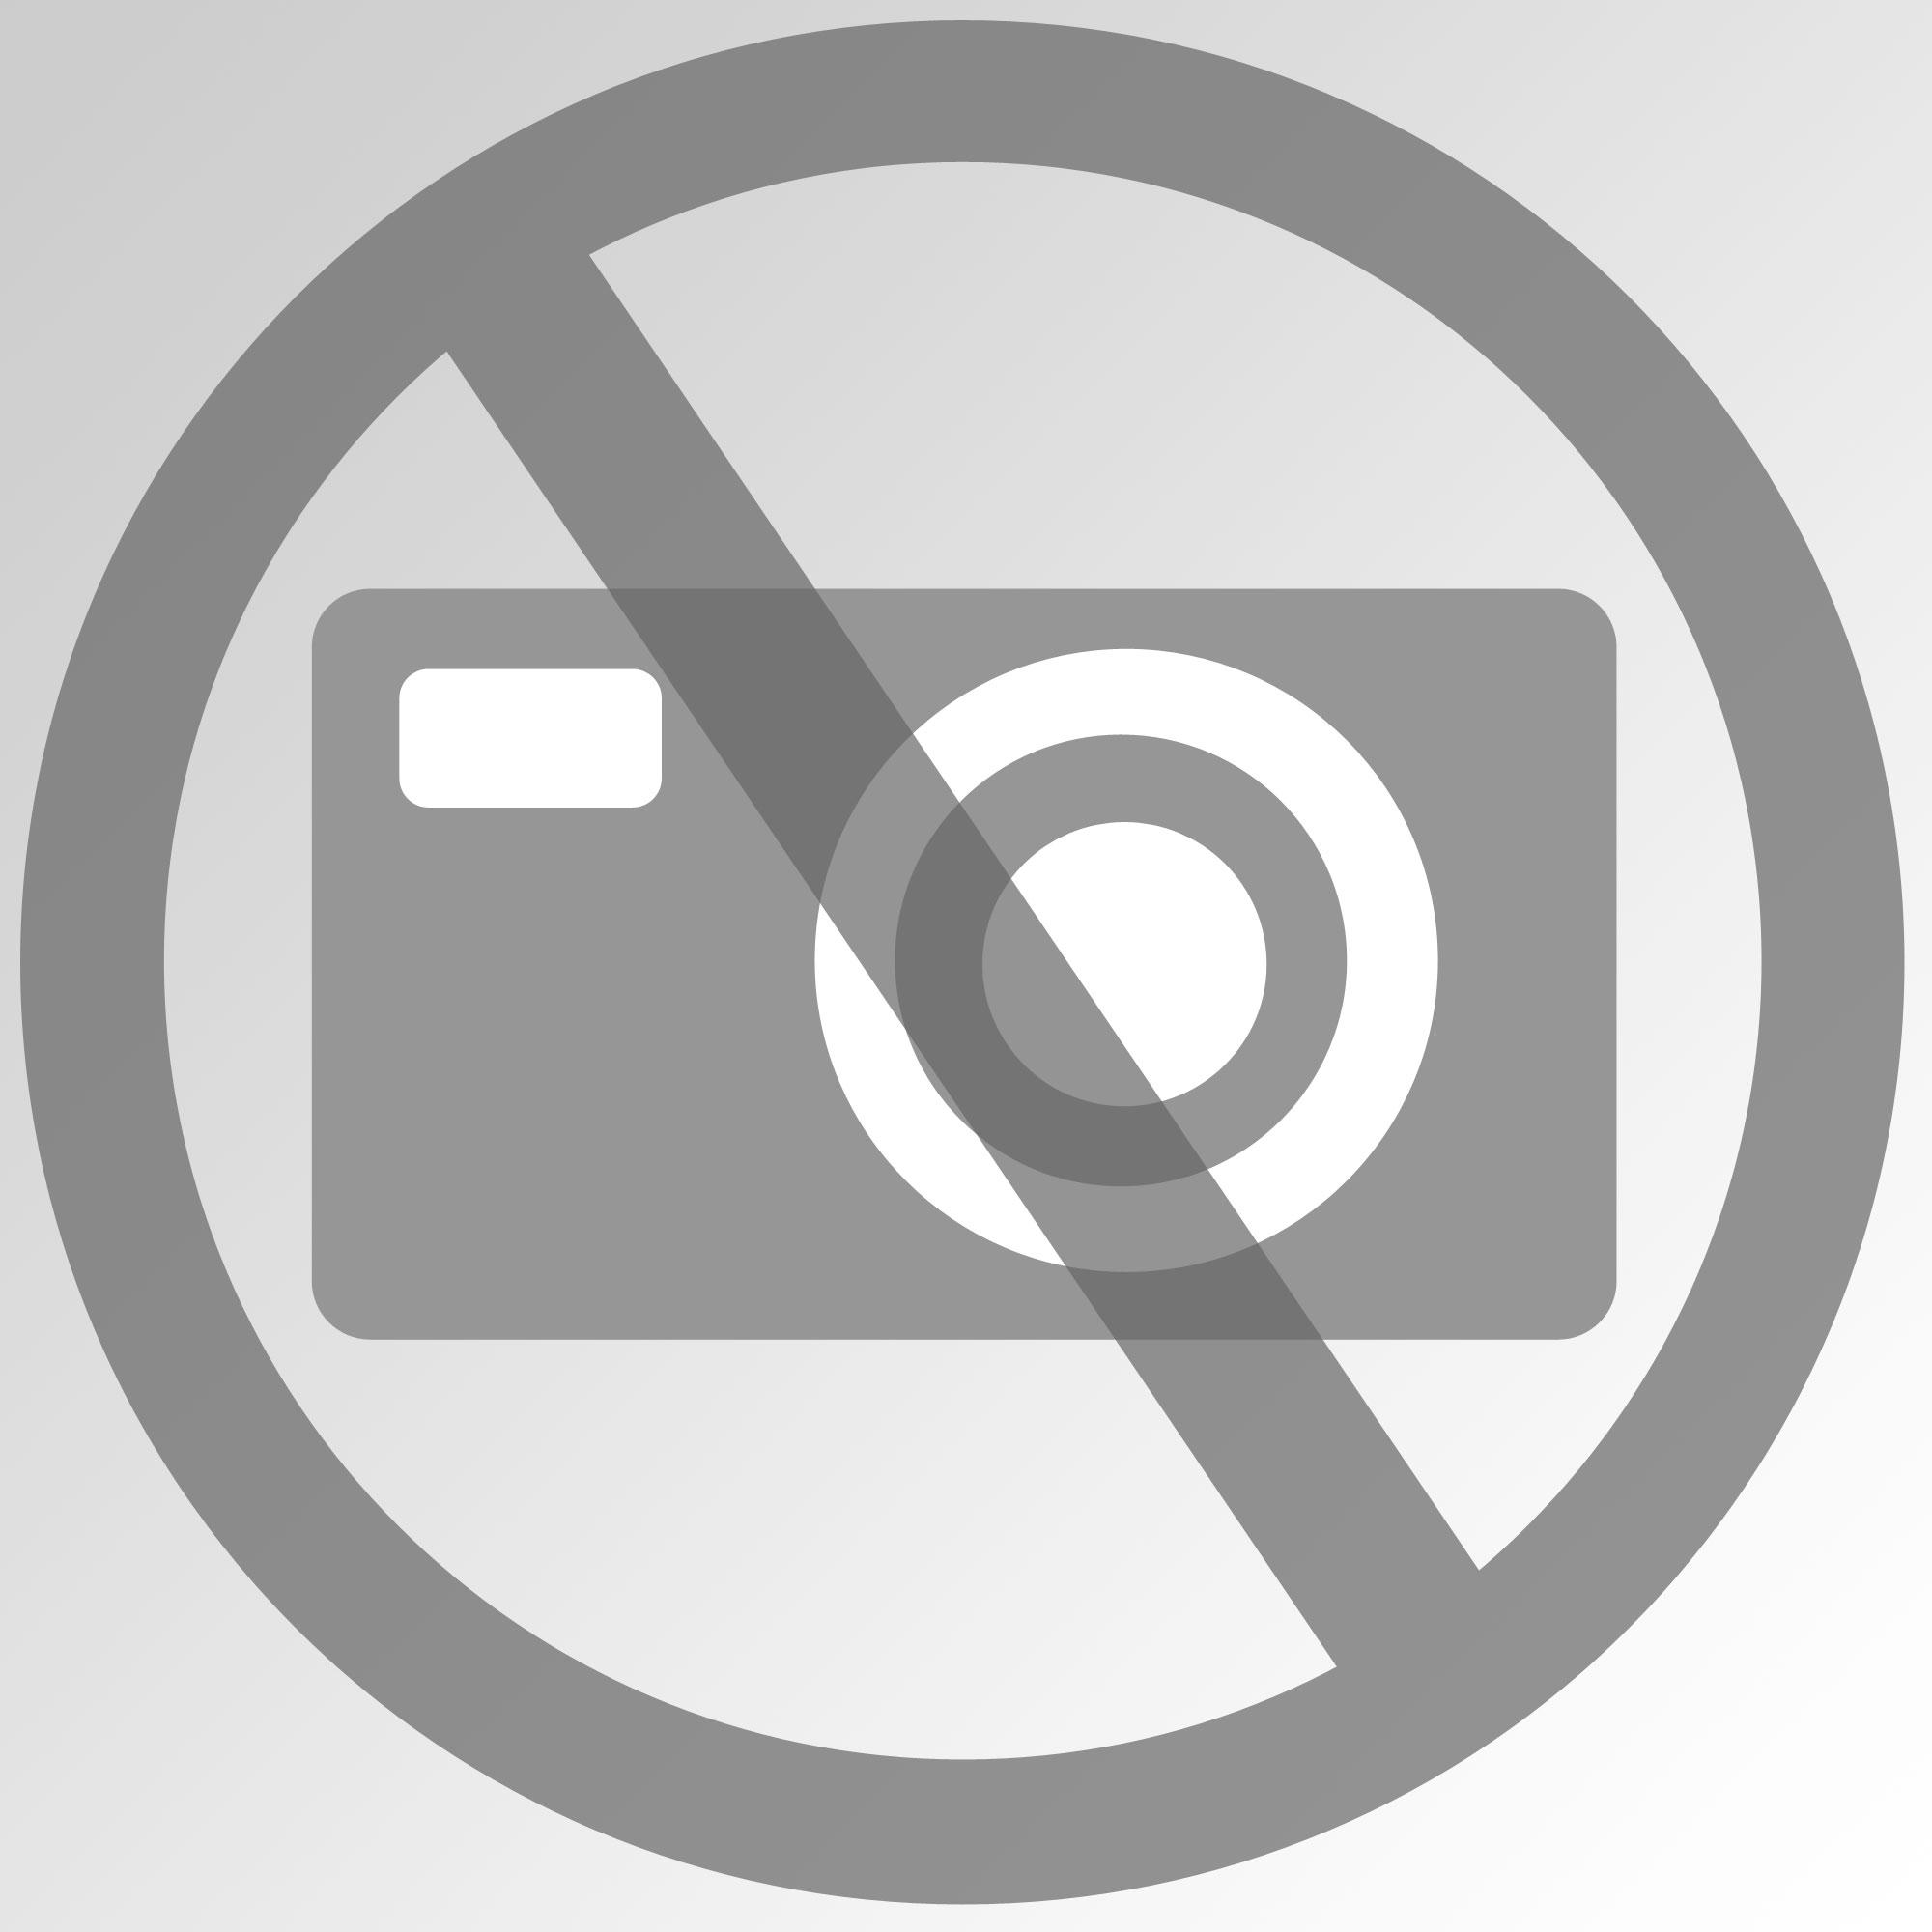 Tork Abfallbehälter 60 Ltr. Drahtgitter weiß